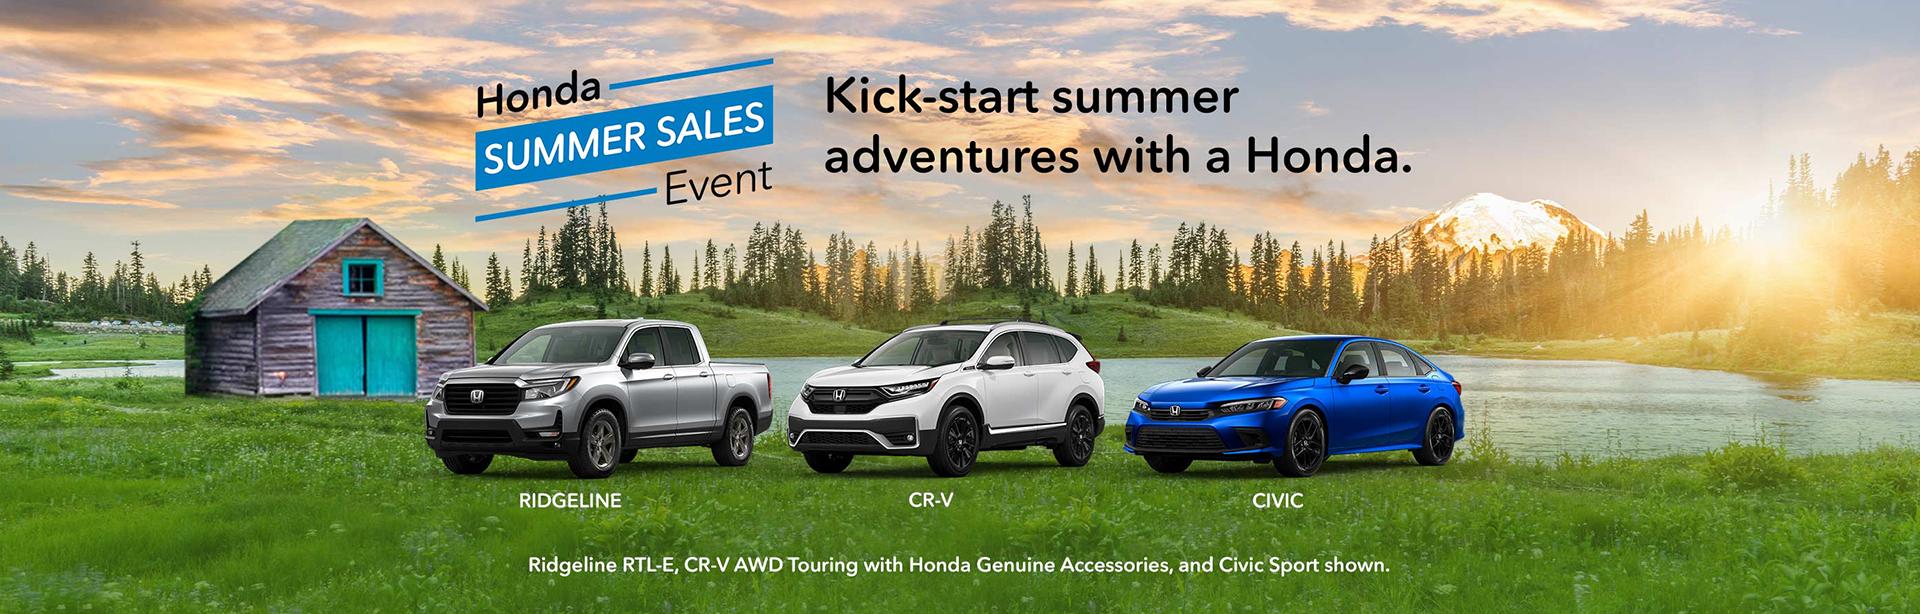 Gallatin Honda Summer Sales Event